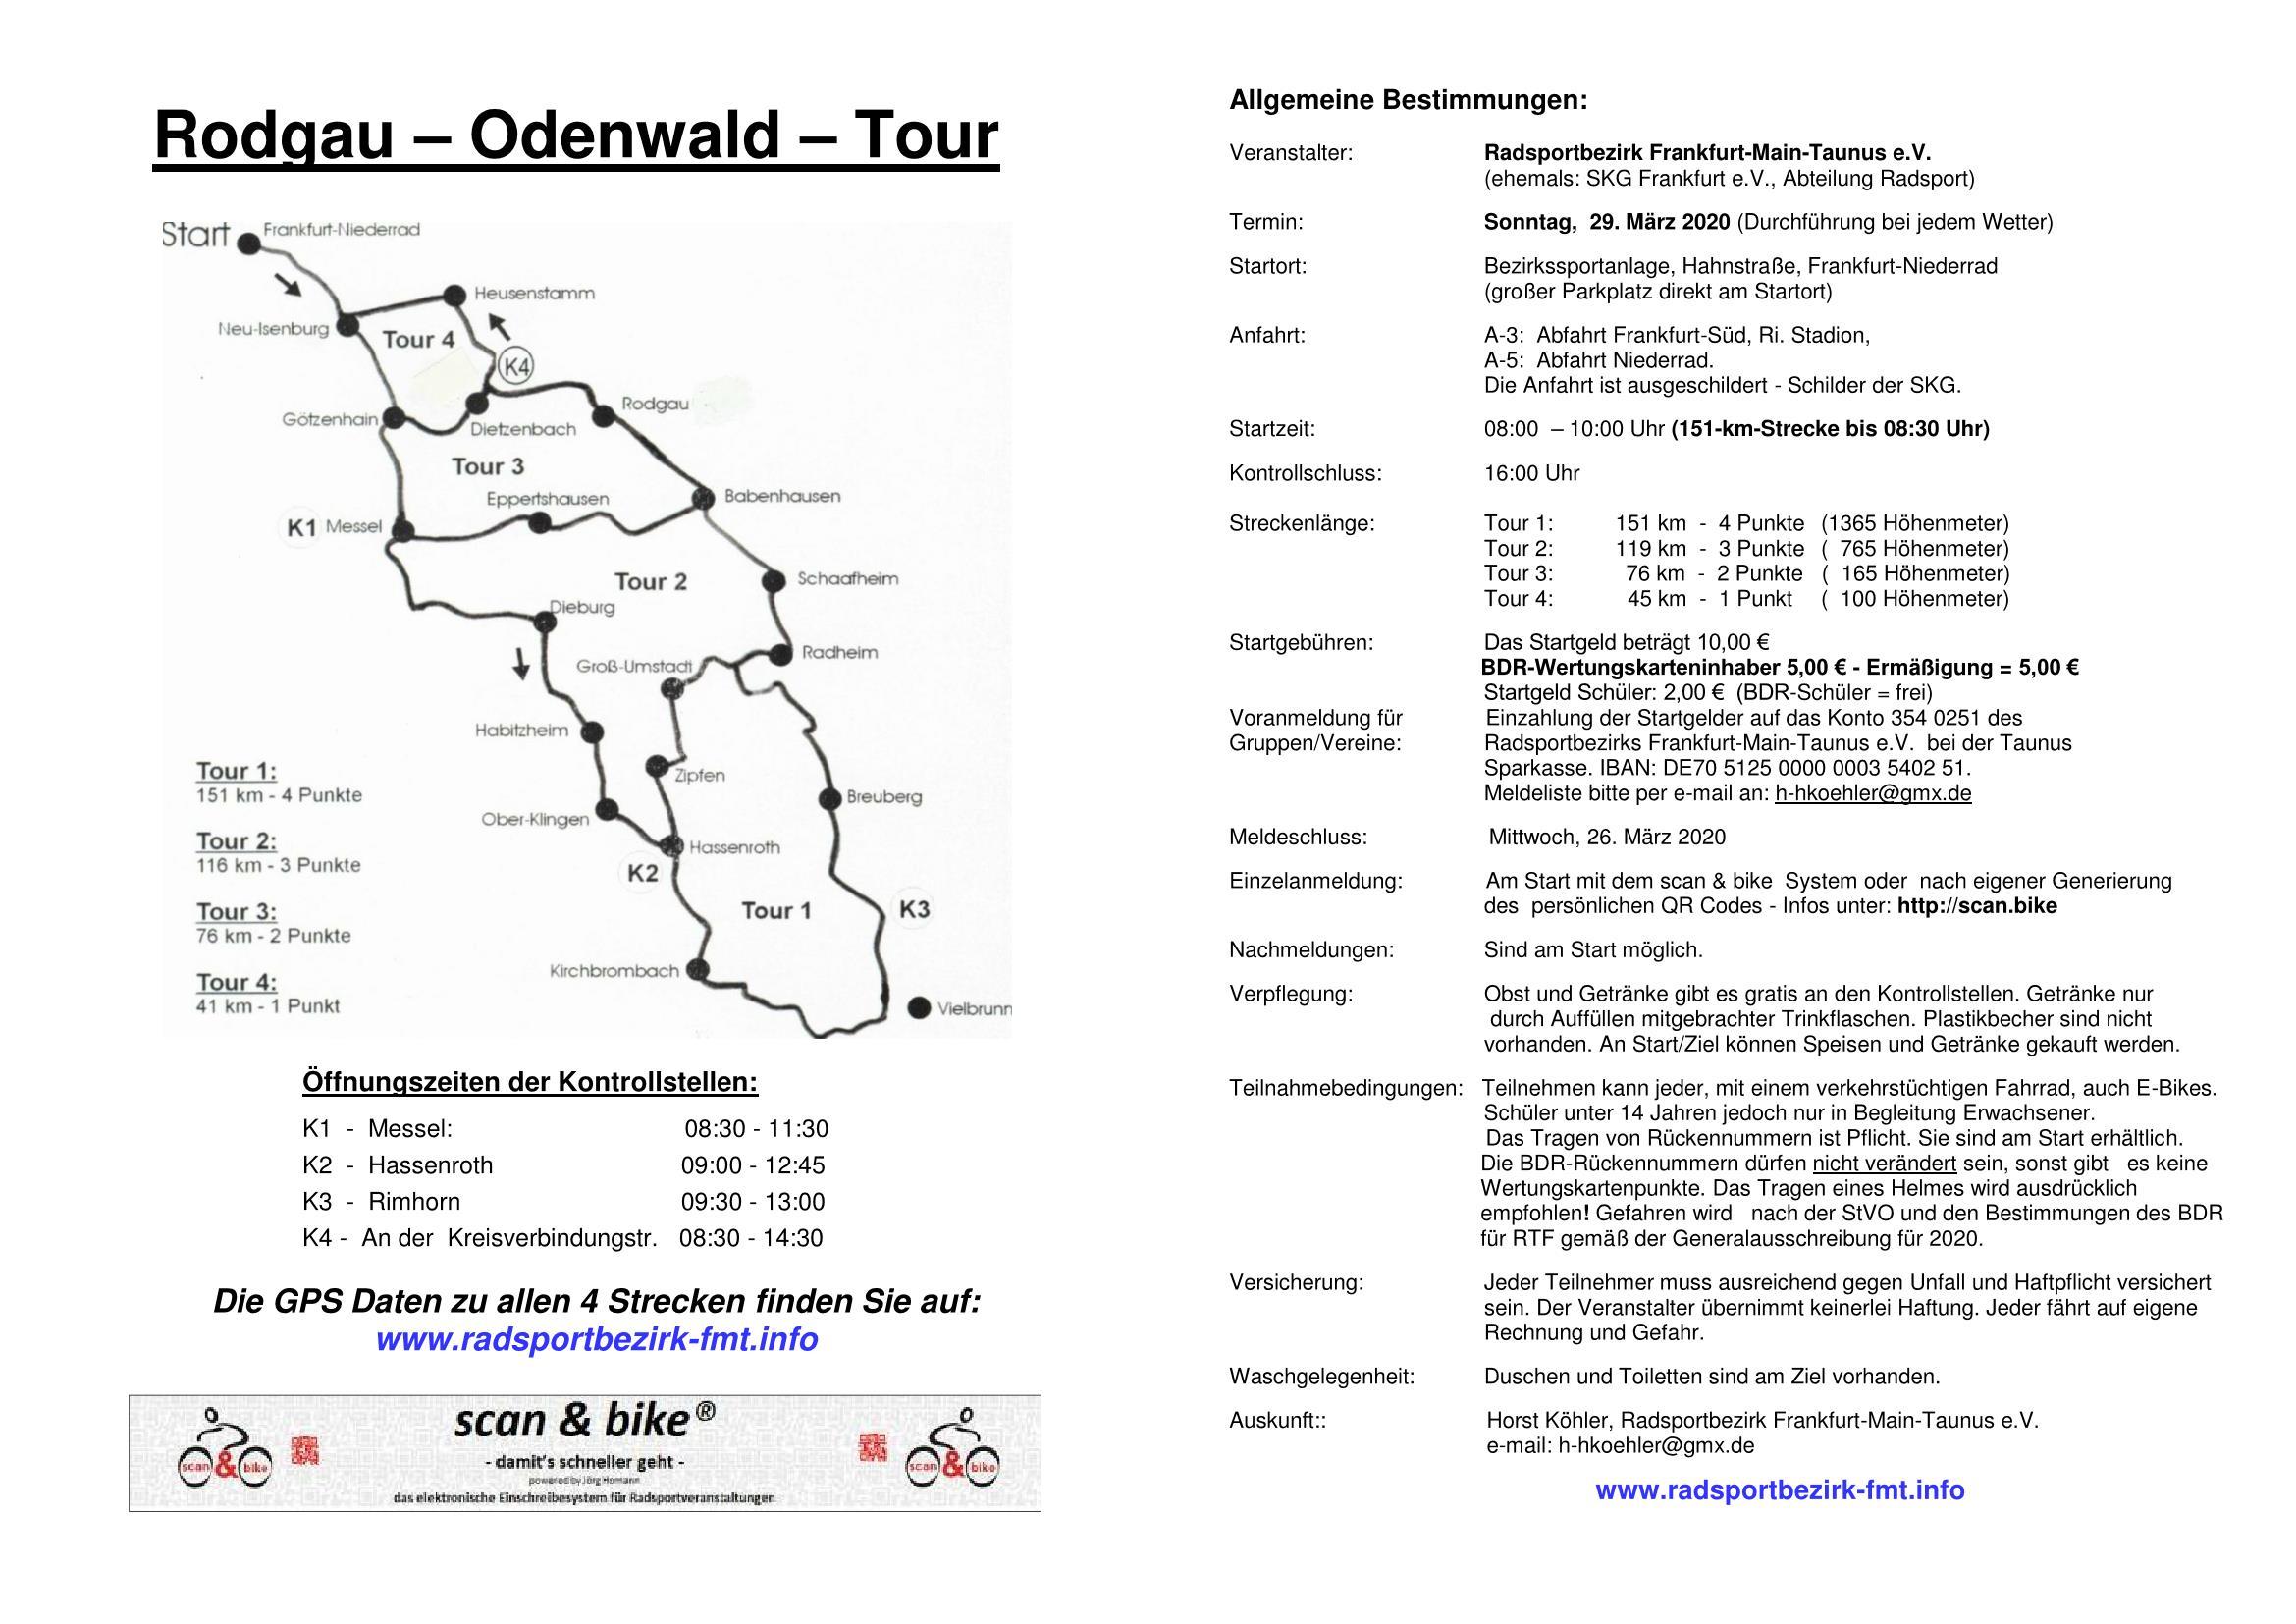 20200329_Odenwaldtour_BezirkFMT_Flyer_innen